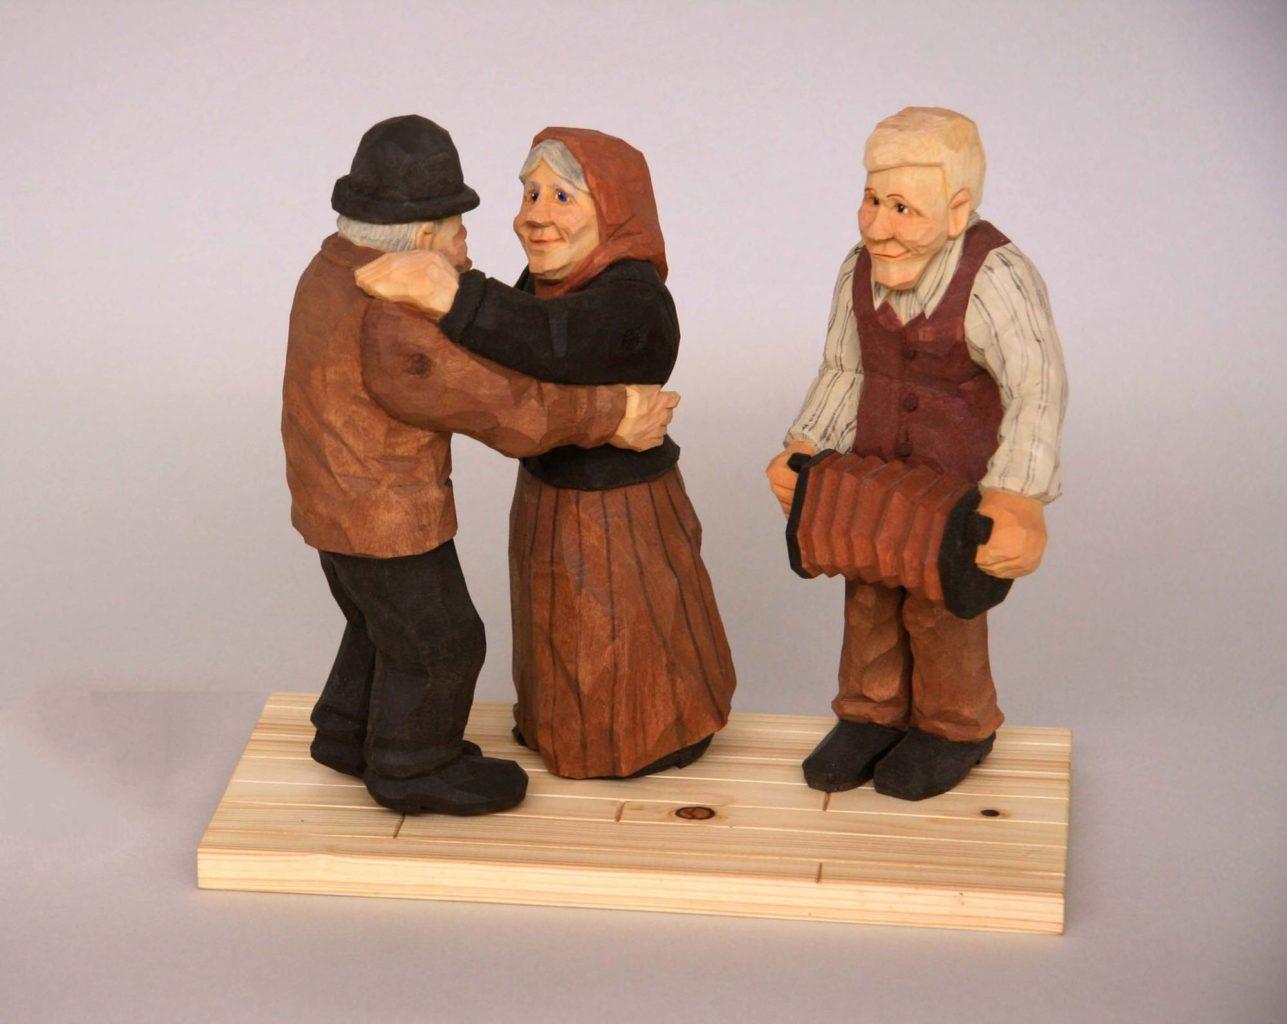 """""""Ingeborg and Tosten's Anniversary Waltz"""" carved figure © 2007 Bill Jaeger """"Ingeborg and Tosten's Anniversary Waltz"""" carved figure © 2007 Bill Jaeger"""